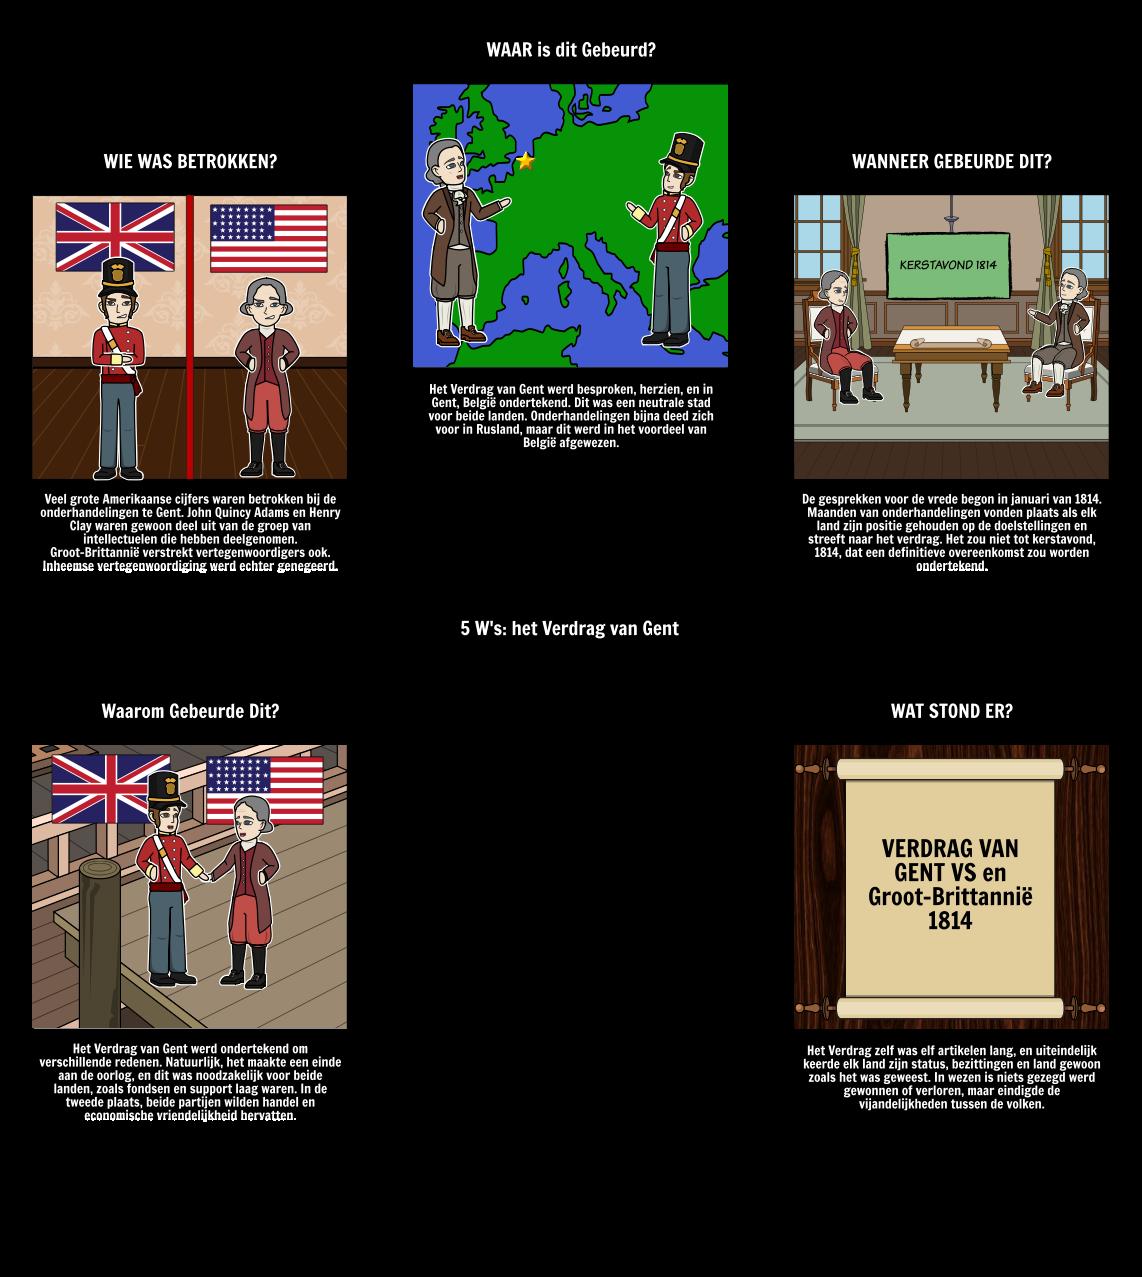 De oorlog van 1812-5 Ws van het Verdrag van Gent